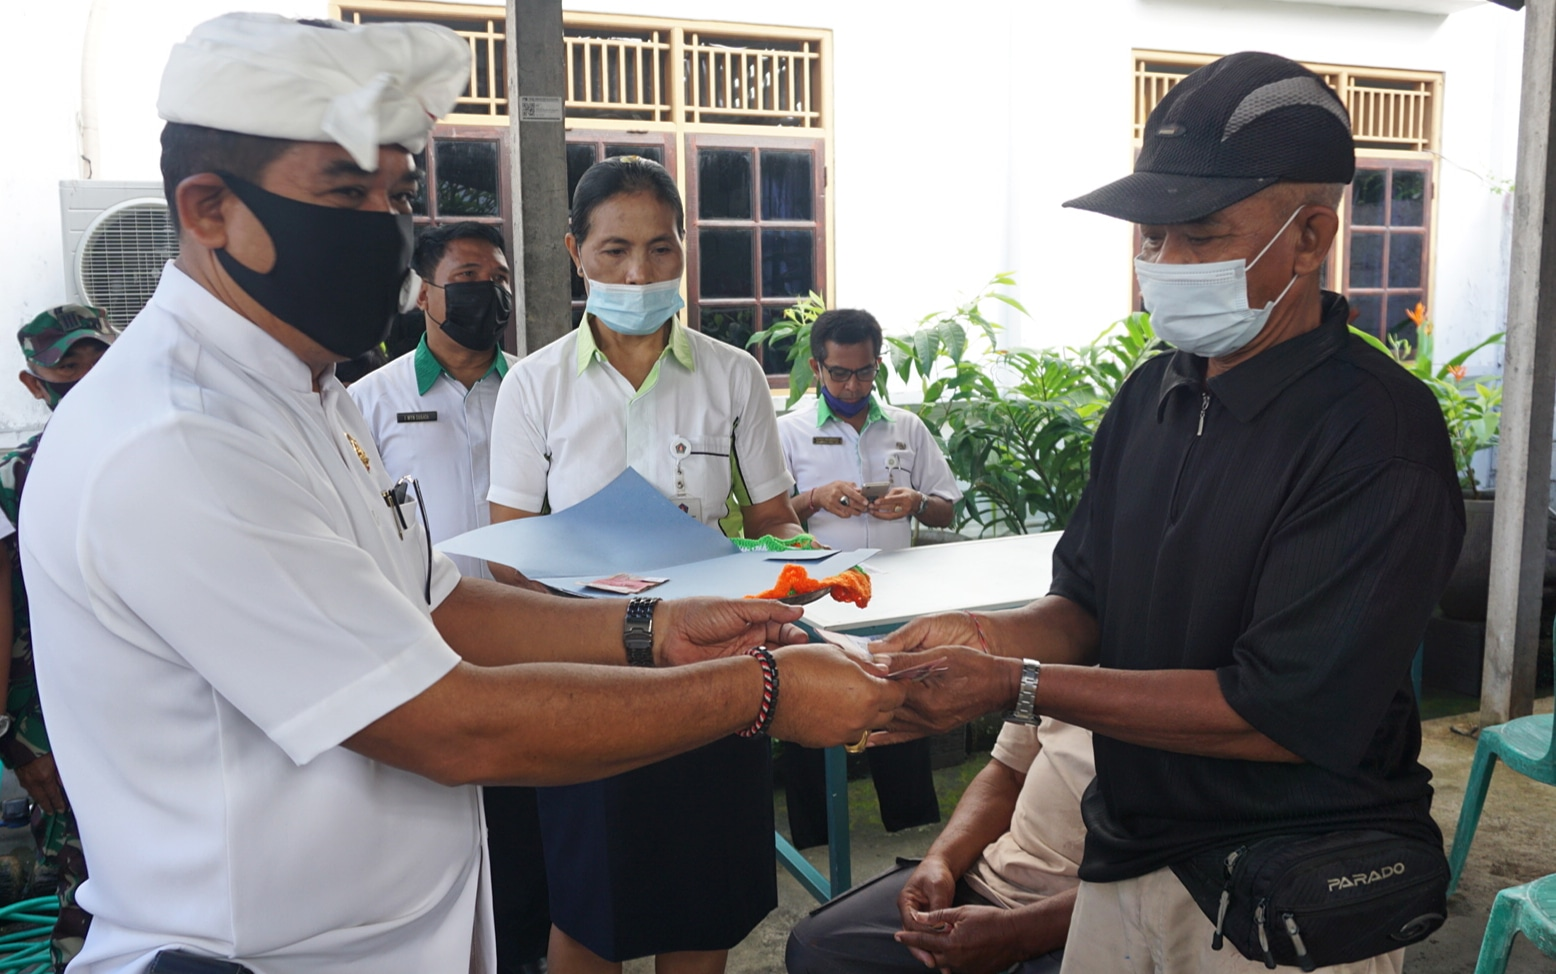 Foto: WABUP KASTA WABUP Made Kasta menyalurkan dana bantuan JPS penanganan Covid-19 di sejumlah tempat di Kecamatan Klungkung, Rabu (12/8). Foto: baw